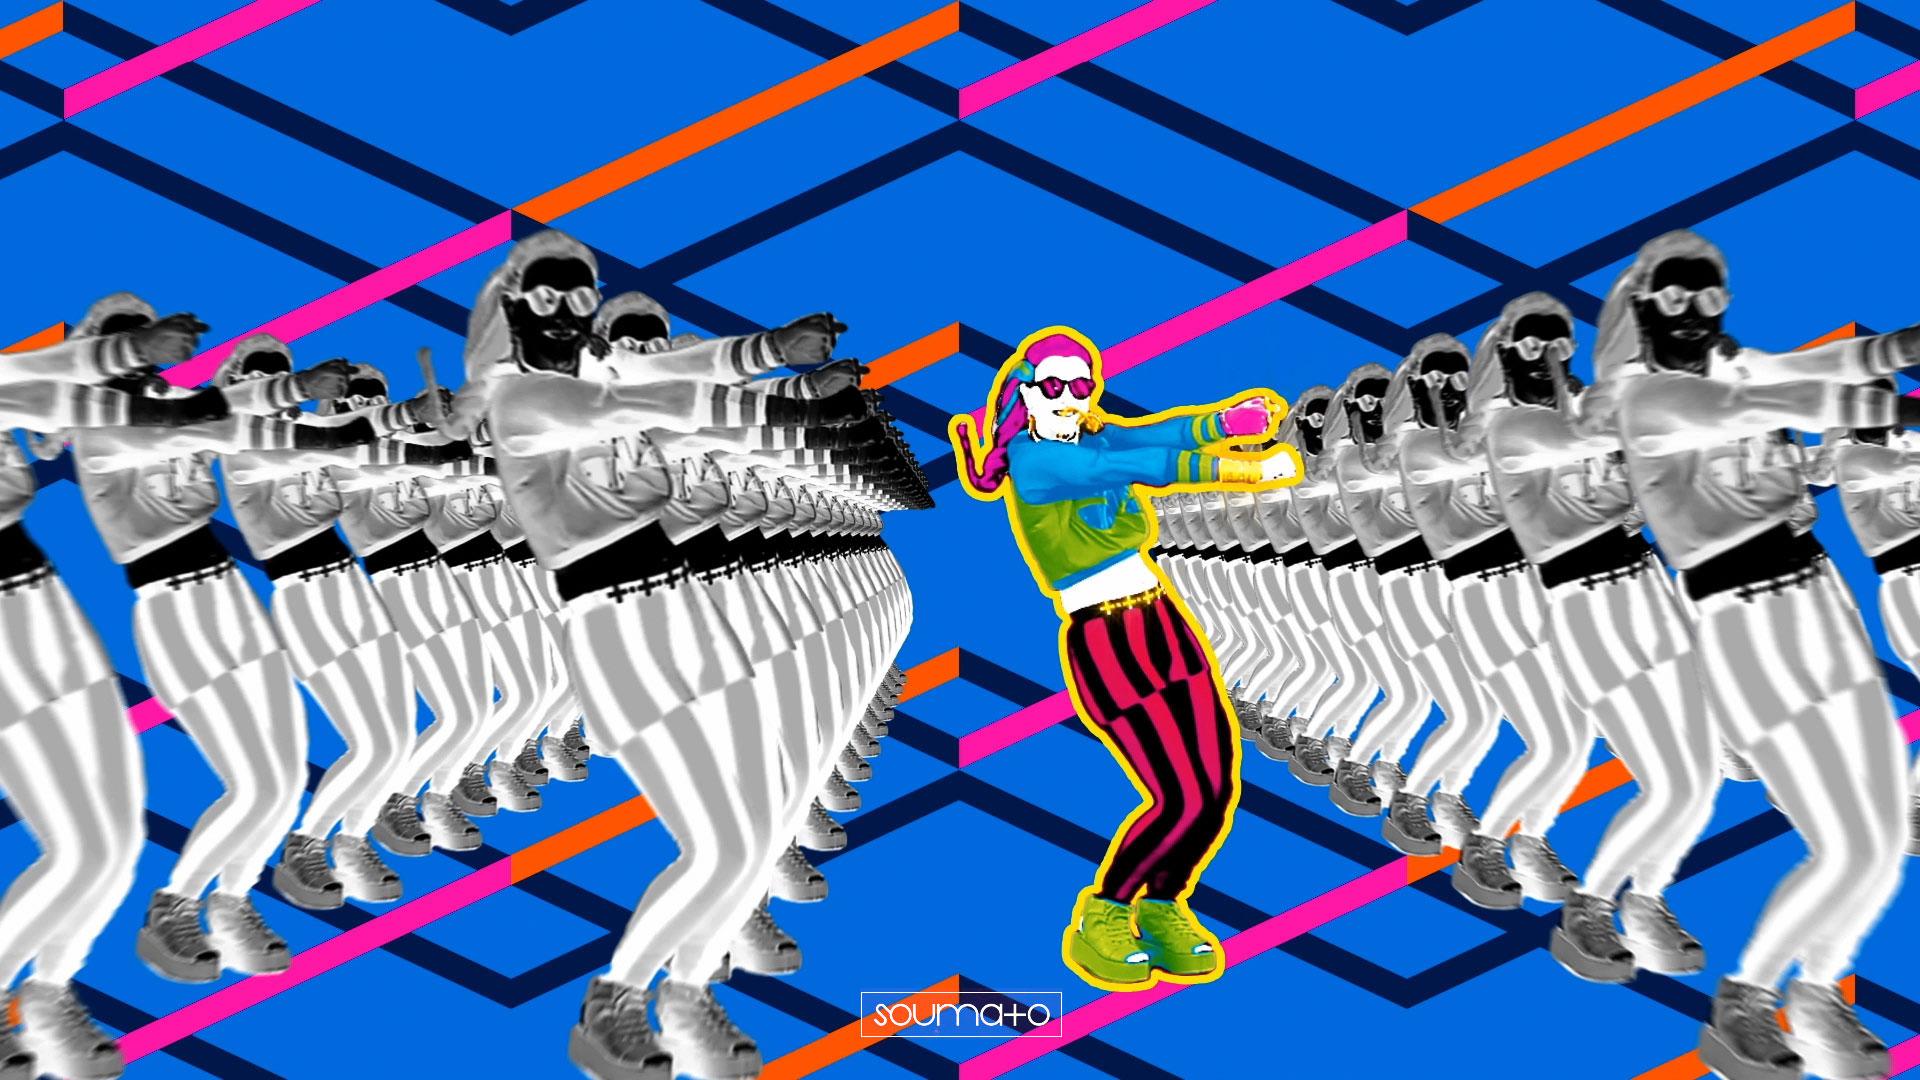 JUST DANCE - GAME - David De Sousa / Motion Designer +